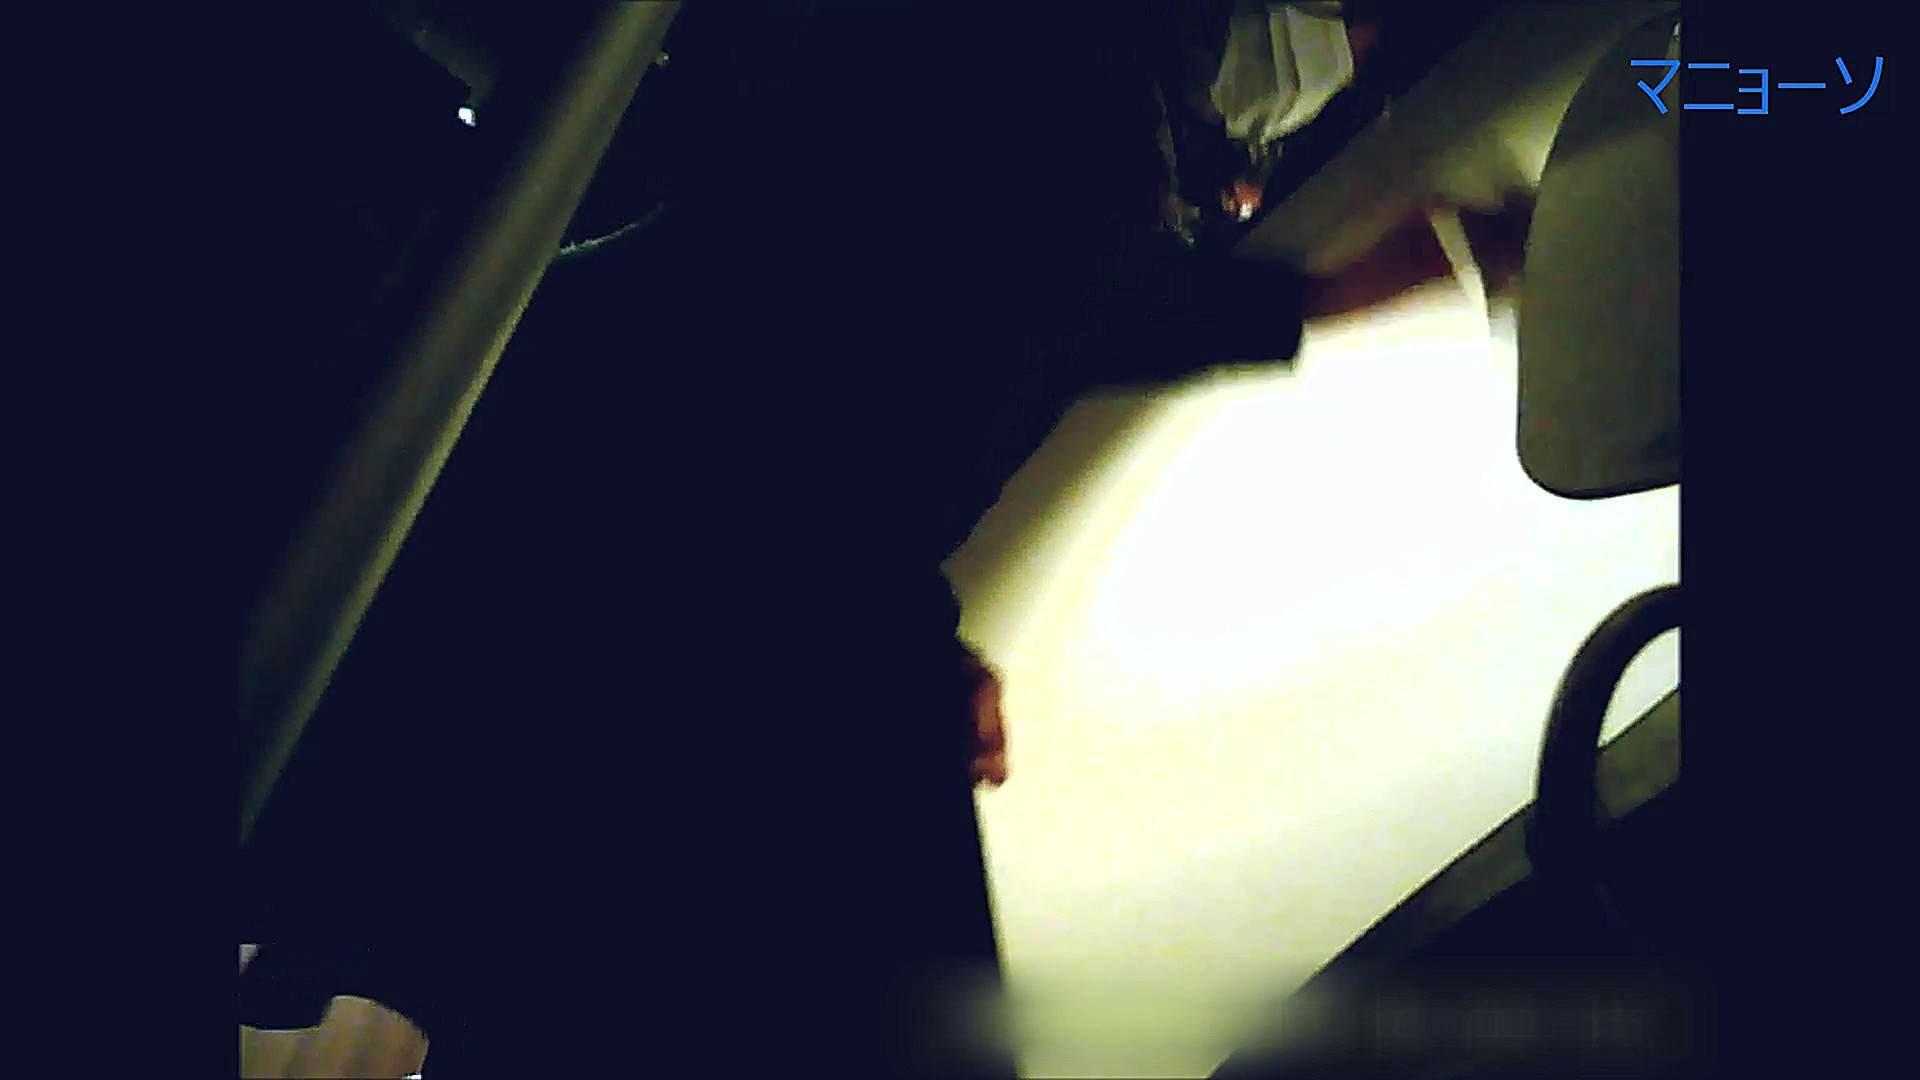 トイレでひと肌脱いでもらいました (OL編)Vol.14 高画質動画 ワレメ無修正動画無料 109画像 54